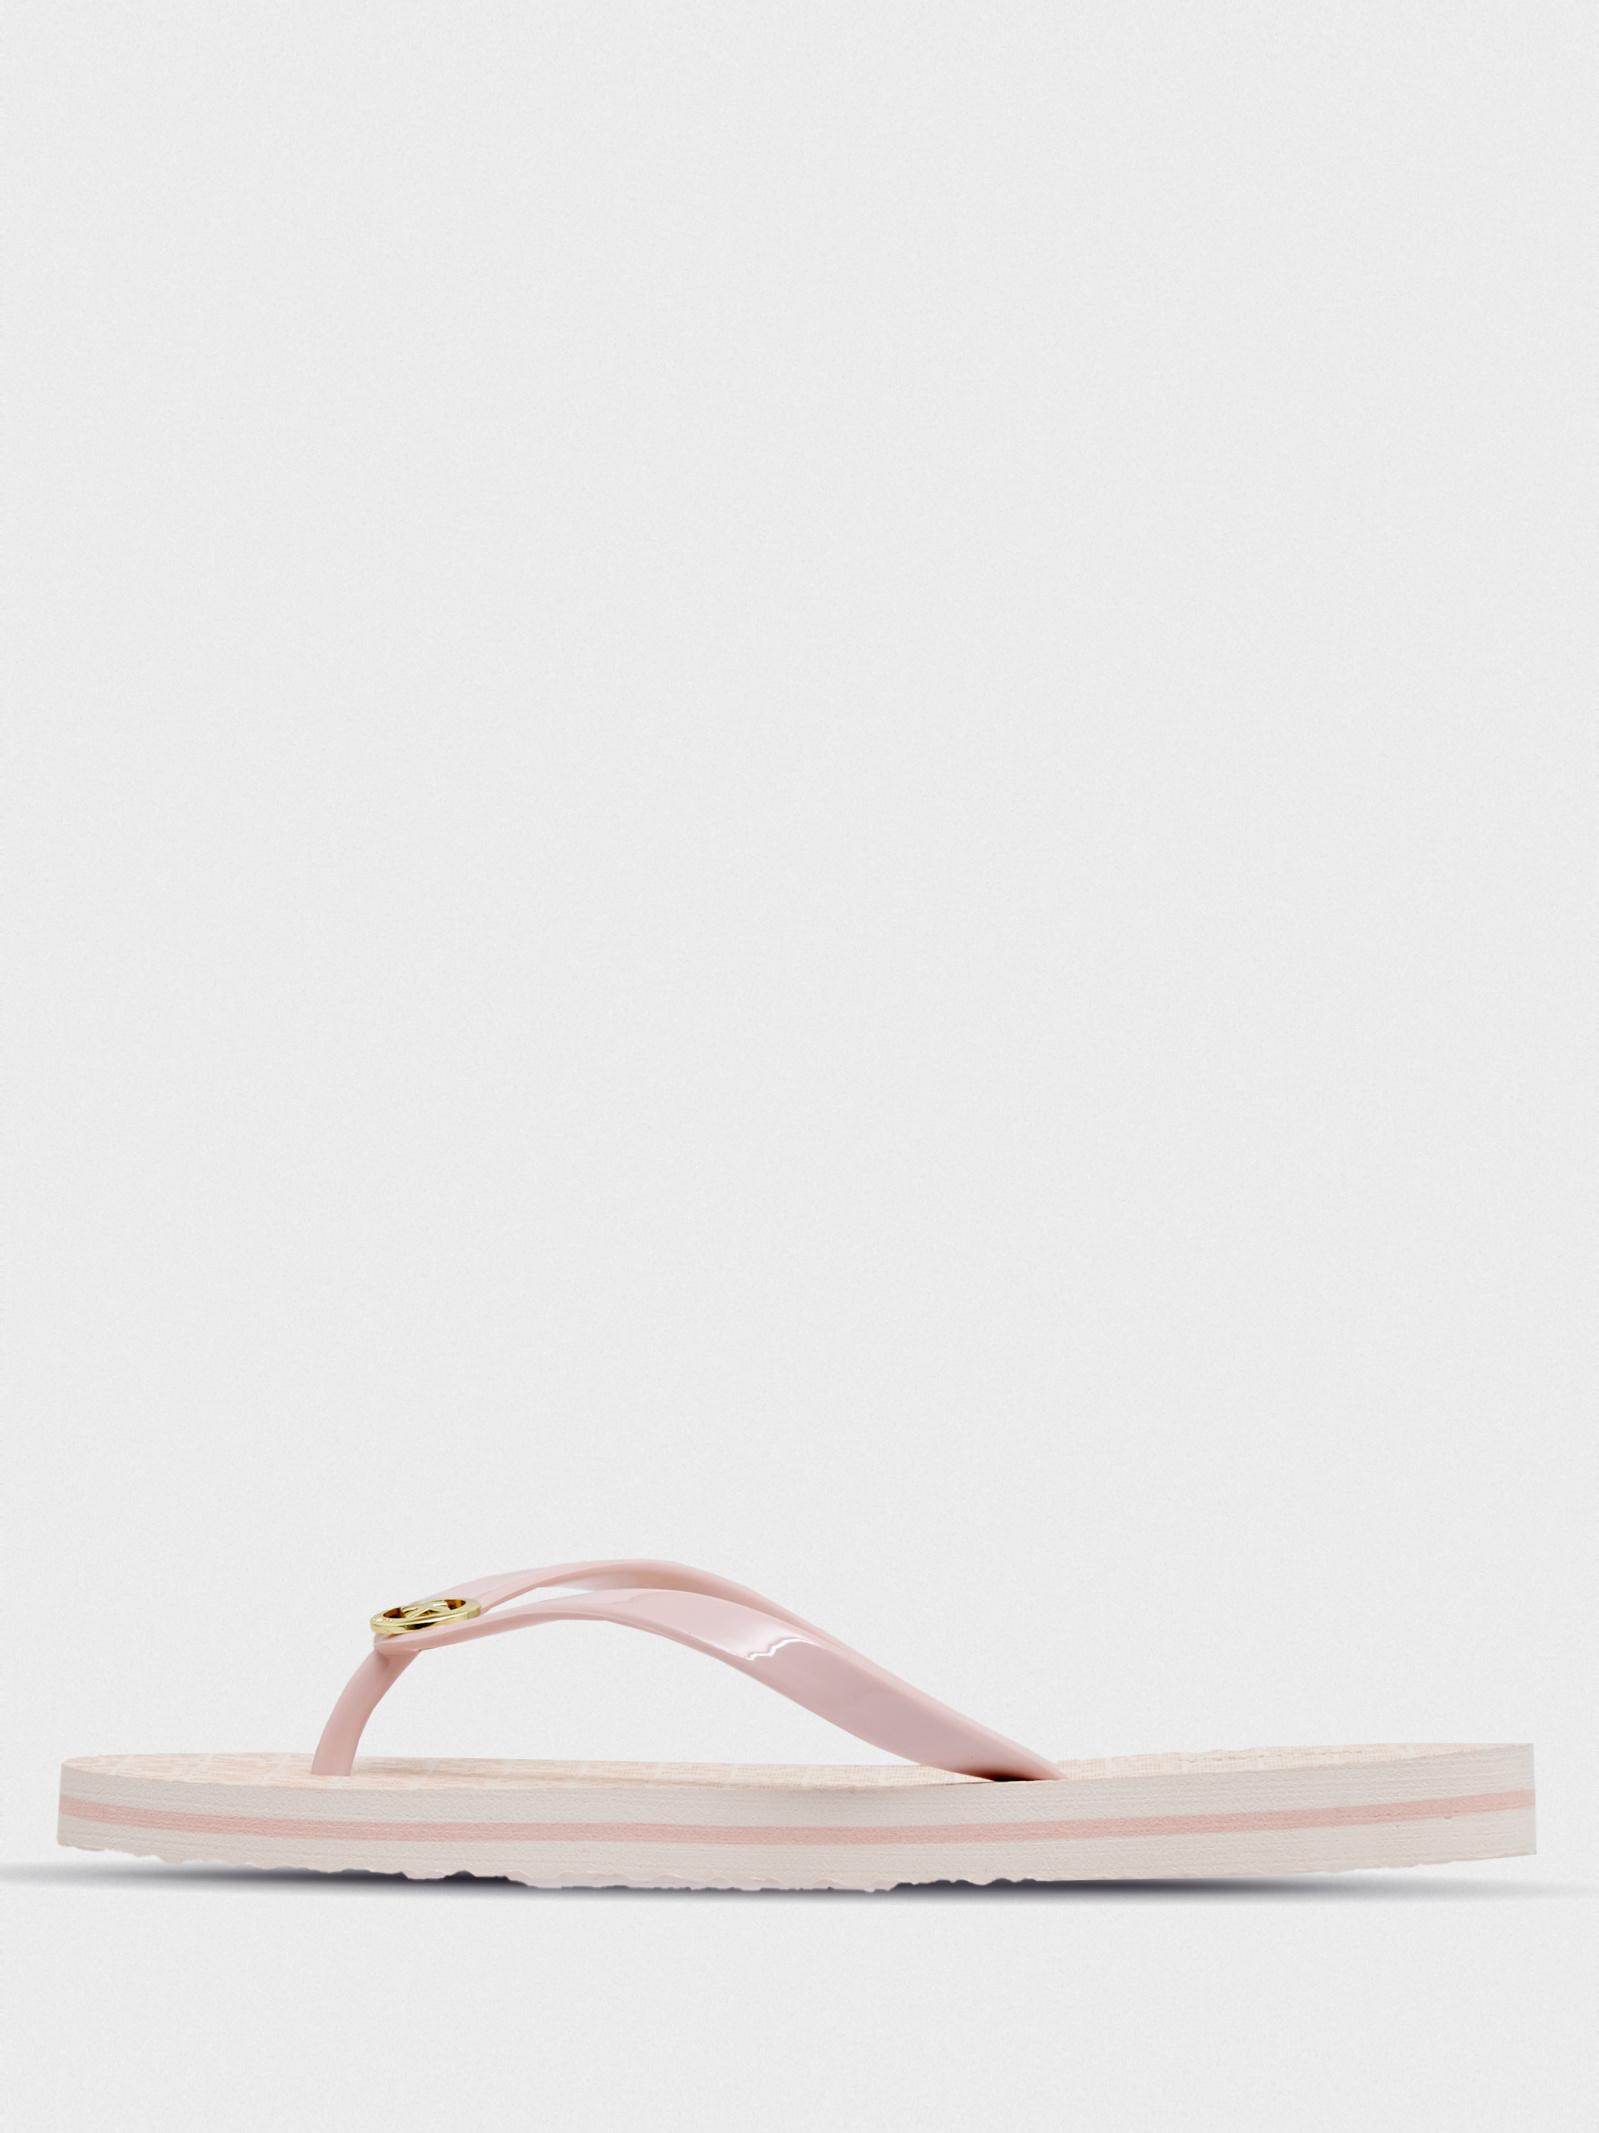 Шльопанці  жіночі Michael Kors 40S7MKFA4Q_633_639_0041 модне взуття, 2017